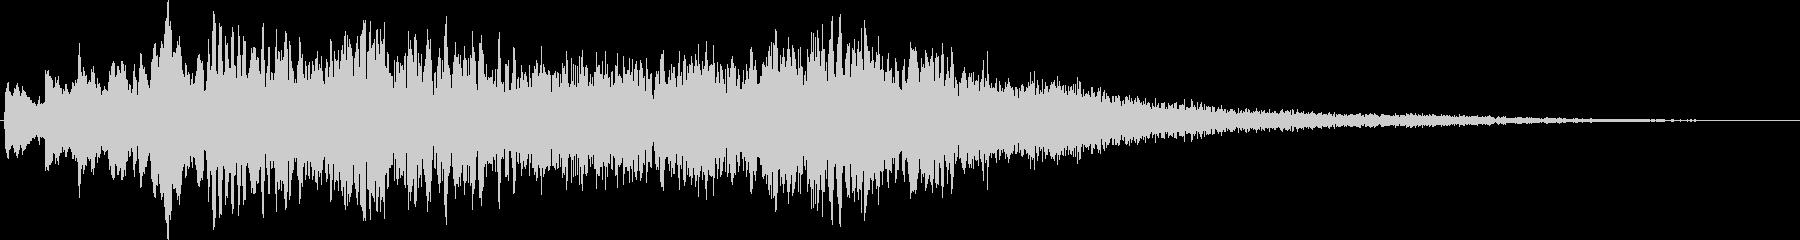 ピアノ:劇的なピッチのはしごがサウ...の未再生の波形